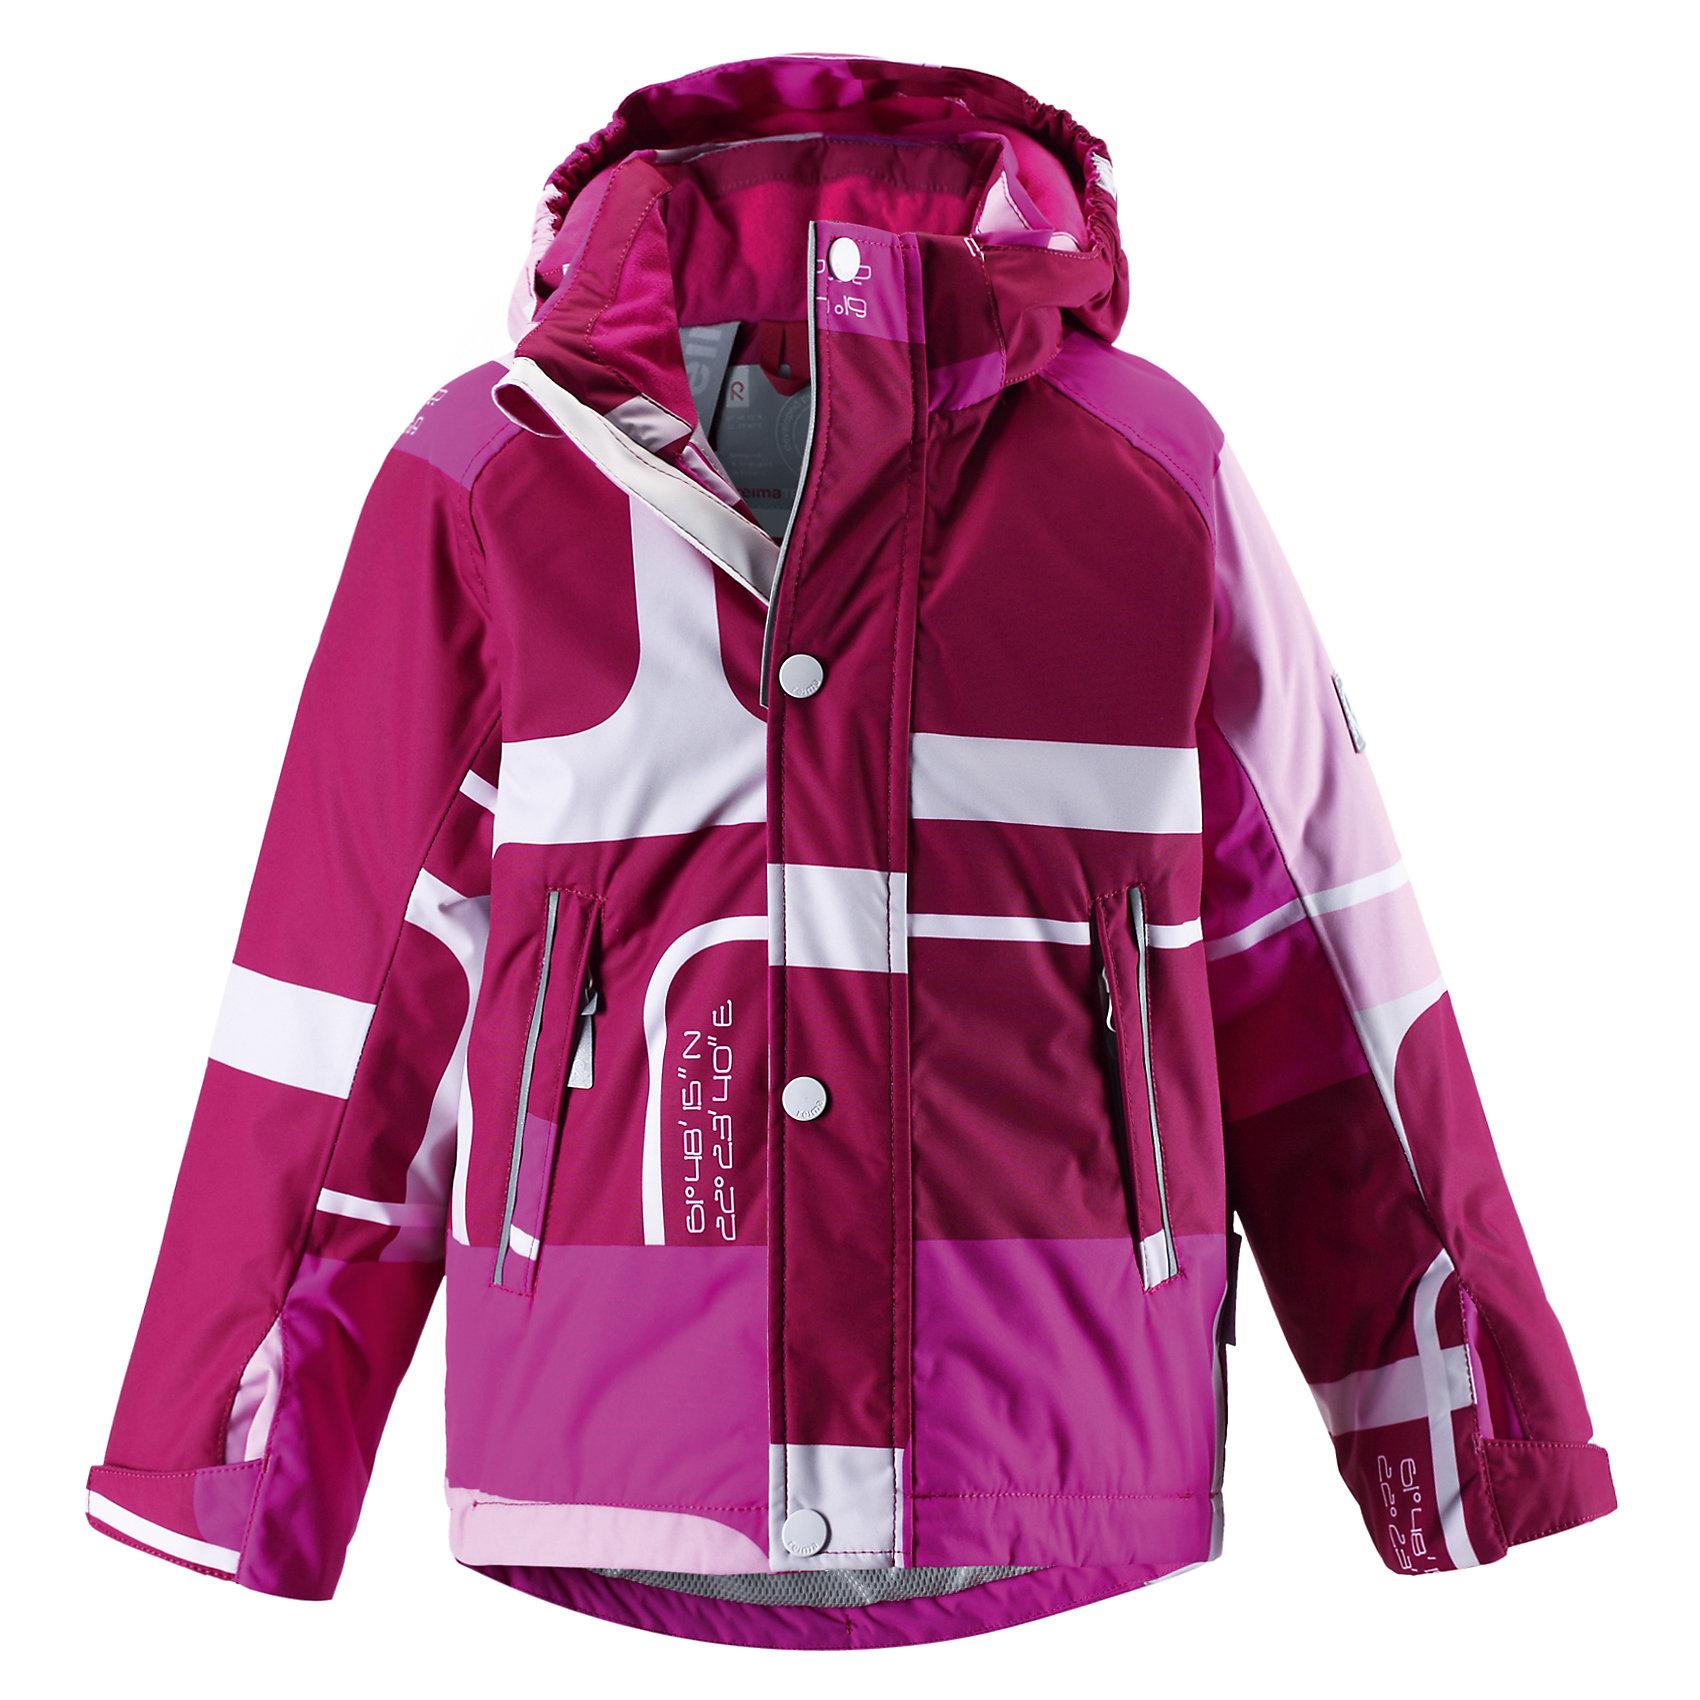 Куртка Reimatec для девочки ReimaОдежда<br>Эта стильная водонепроницаемая зимняя куртка подходит для отдыха на природе и катания.<br><br>Дополнительная информация:<br><br>Температурный режим: до -20<br>Средняя степень утепления (140 г)<br>Специальные кнопки Reima Play Layers для пристегивания промежуточного слоя к верхней одежде<br>Куртка для детей<br>Все швы проклеены<br>Зимняя подкладка<br>Съемный капюшон<br>Внутри подтяжки<br>Два кармана на молниях<br>Светоотражающие детали<br>Состав: 100% Полиэстер, Полиуретан-покрытие<br><br>Куртка Reimatec Reima можно купить в нашем магазине.<br><br>Ширина мм: 356<br>Глубина мм: 10<br>Высота мм: 245<br>Вес г: 519<br>Цвет: розовый<br>Возраст от месяцев: 48<br>Возраст до месяцев: 60<br>Пол: Женский<br>Возраст: Детский<br>Размер: 110,92,98,134,122,116,104,128,140<br>SKU: 4268850